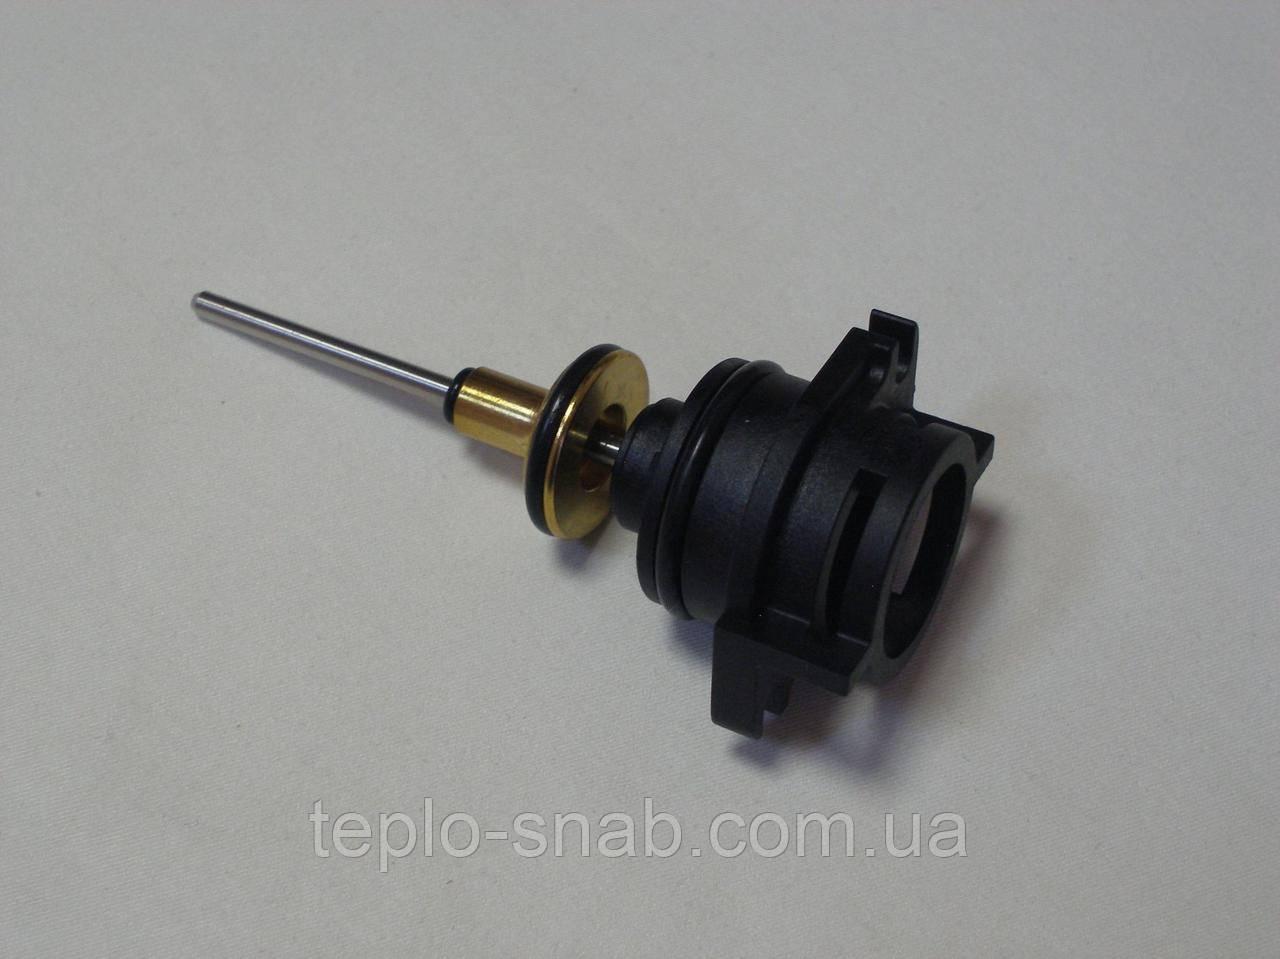 Кридж 3-х ходвого клапана (в зборі) газового навісного котла Roda VorTech/Unical Idea 24 Plus. 95251649